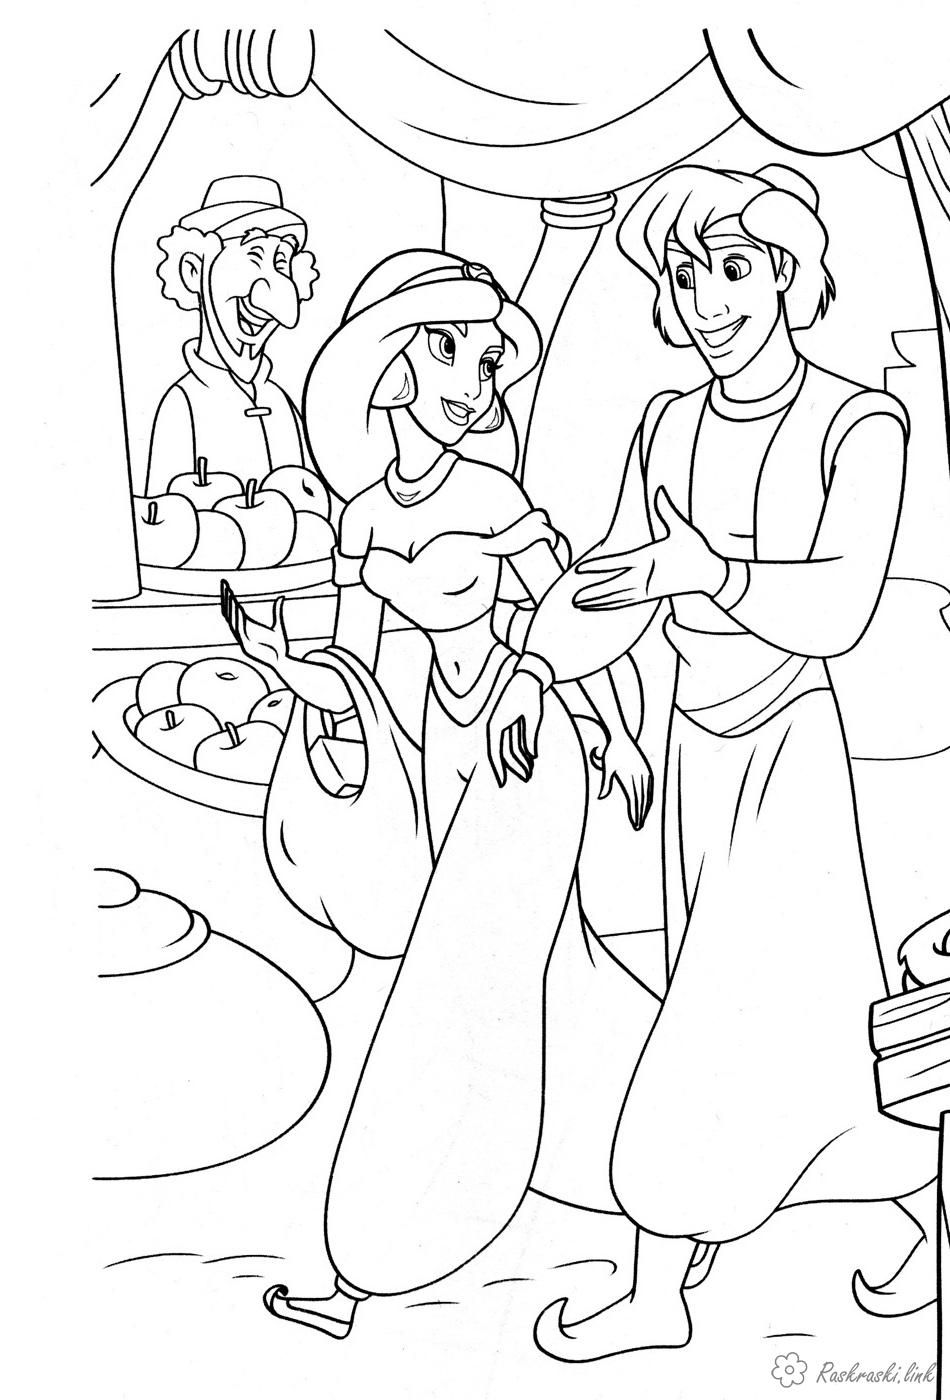 Детская раскраска по мультфильму Алладин | Раскраски ...